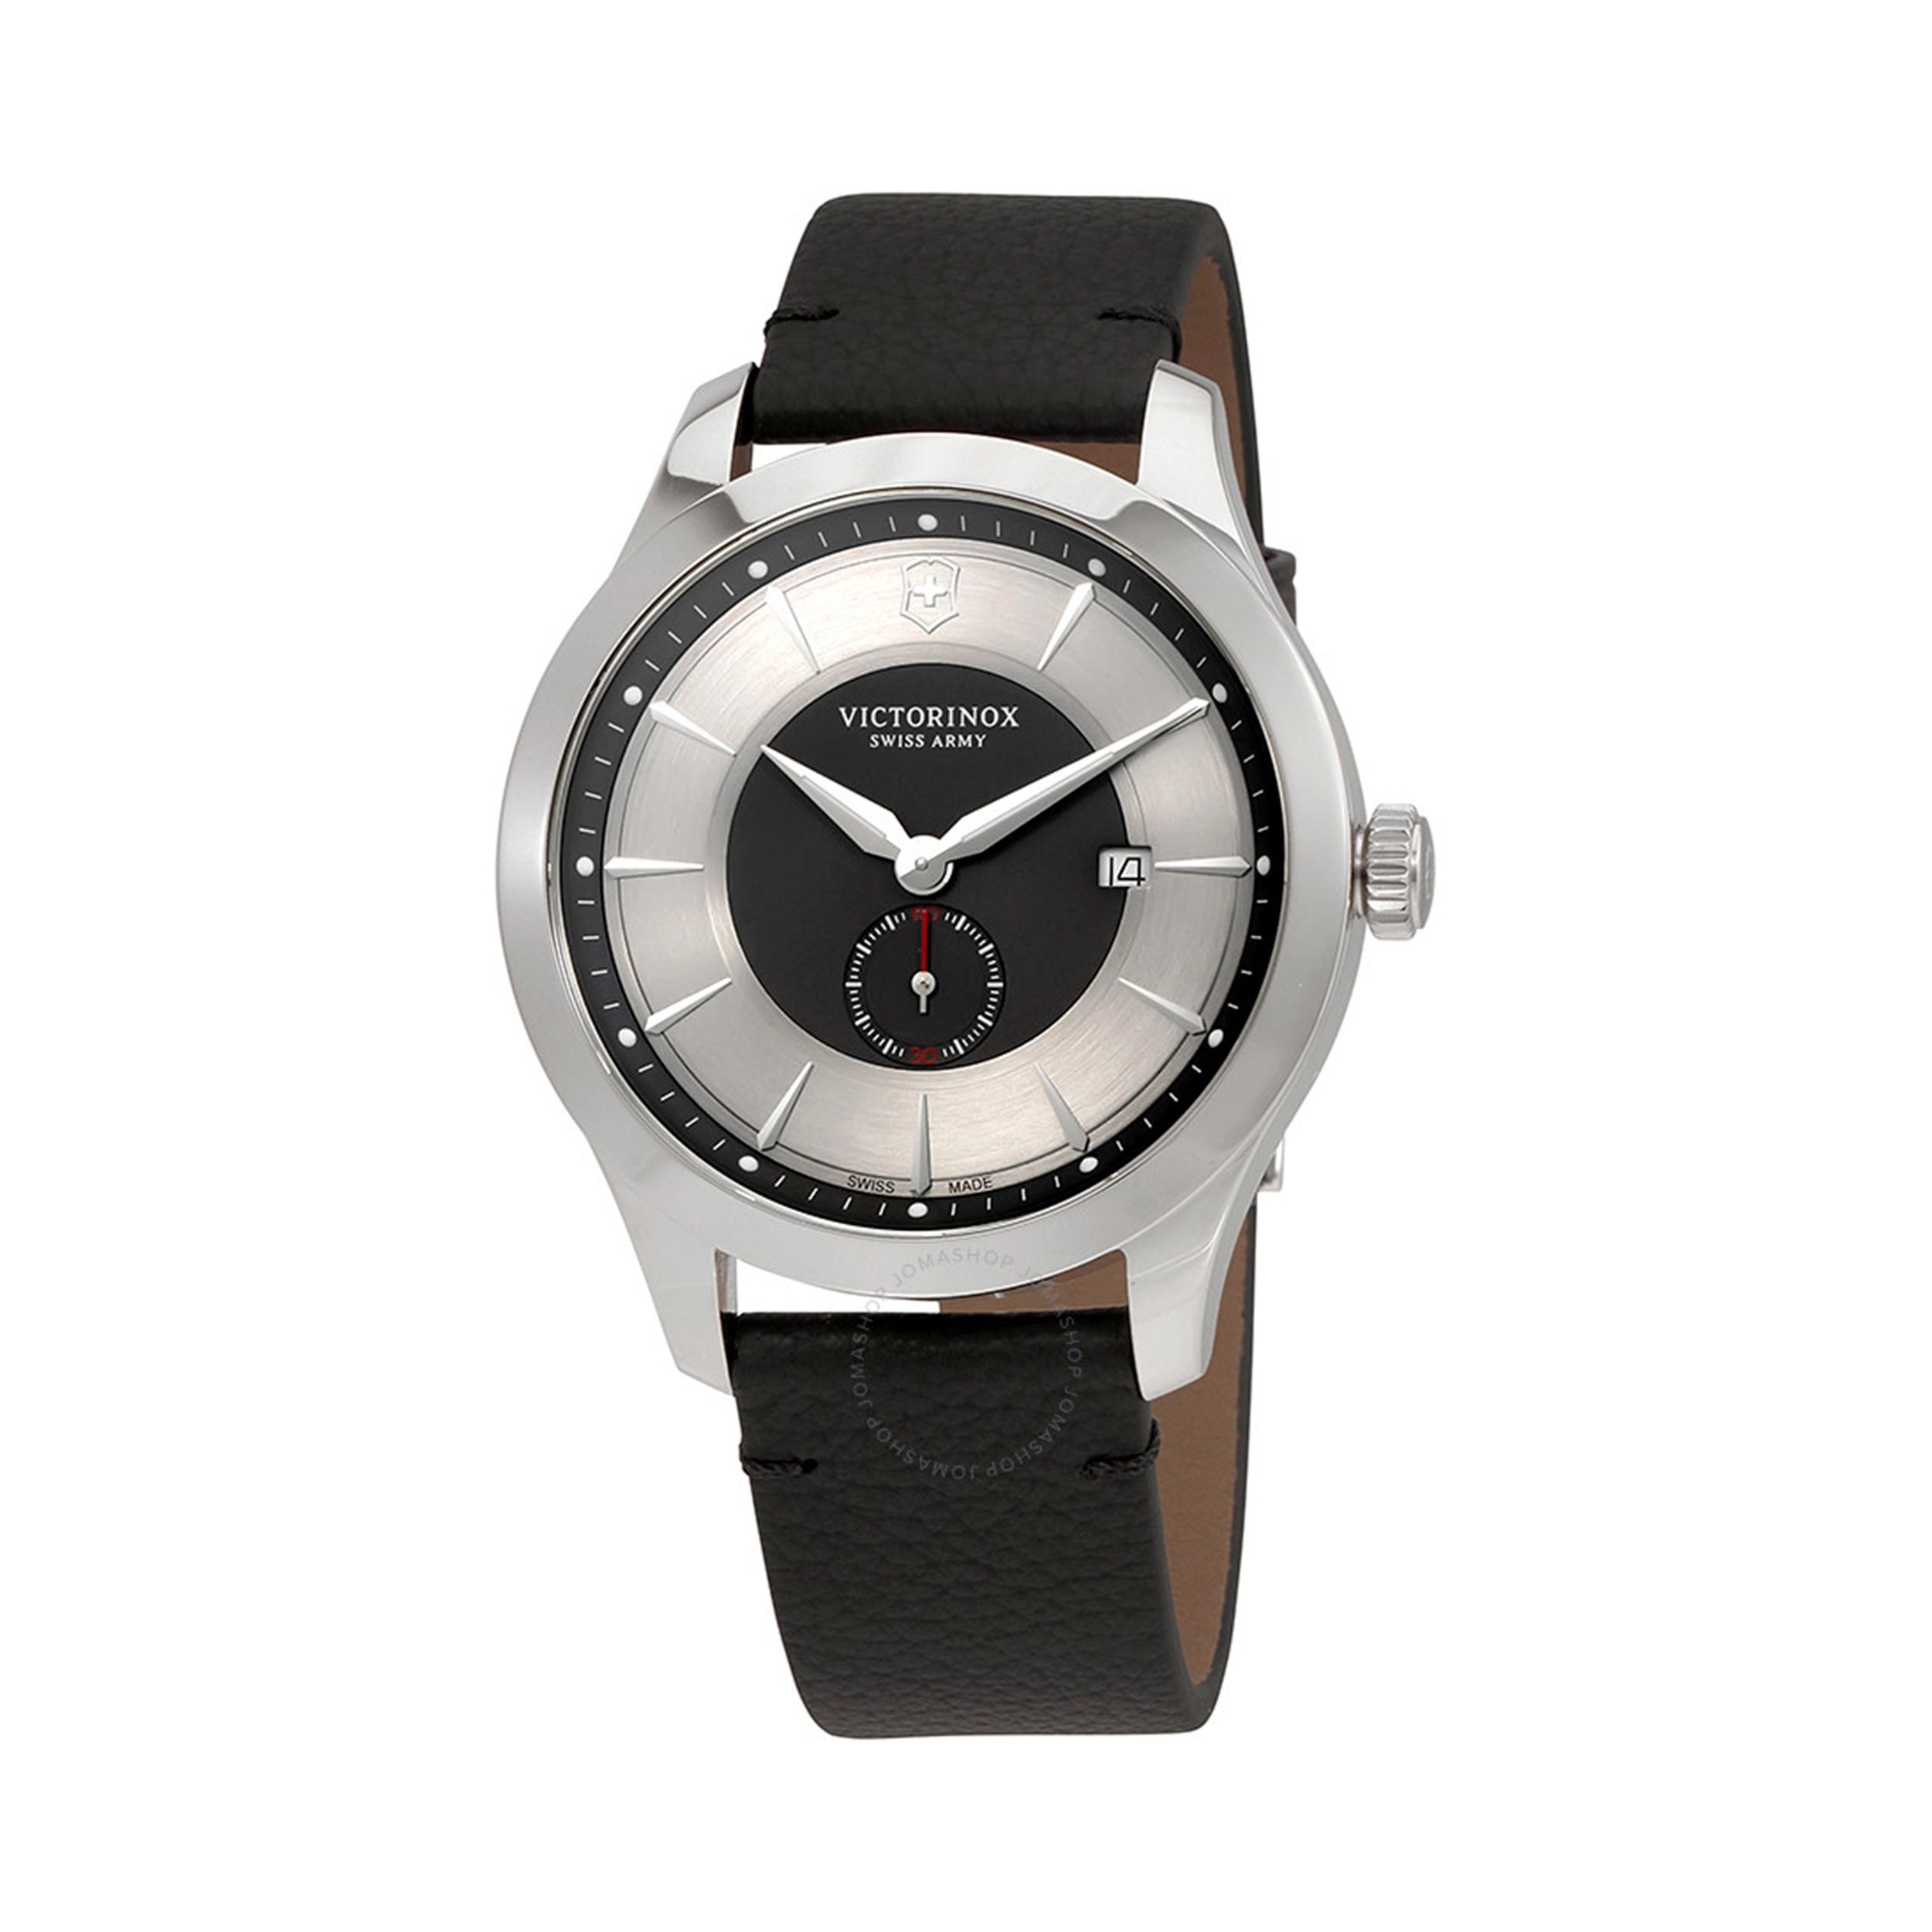 ساعت مچی عقربه ای مردانه ویکتورینوکس مدل 241765